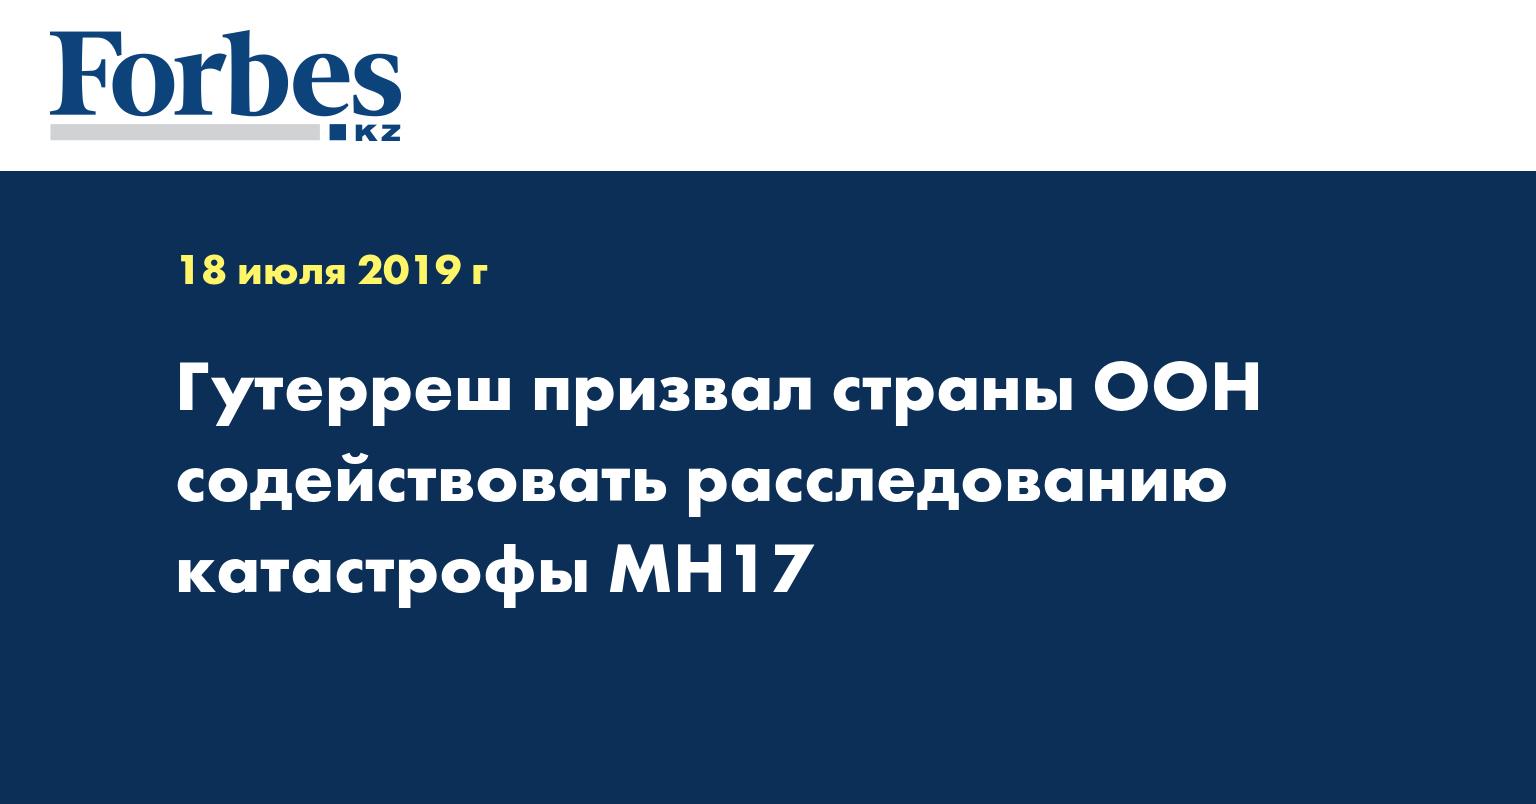 Гутерреш призвал страны ООН содействовать расследованию катастрофы MH17